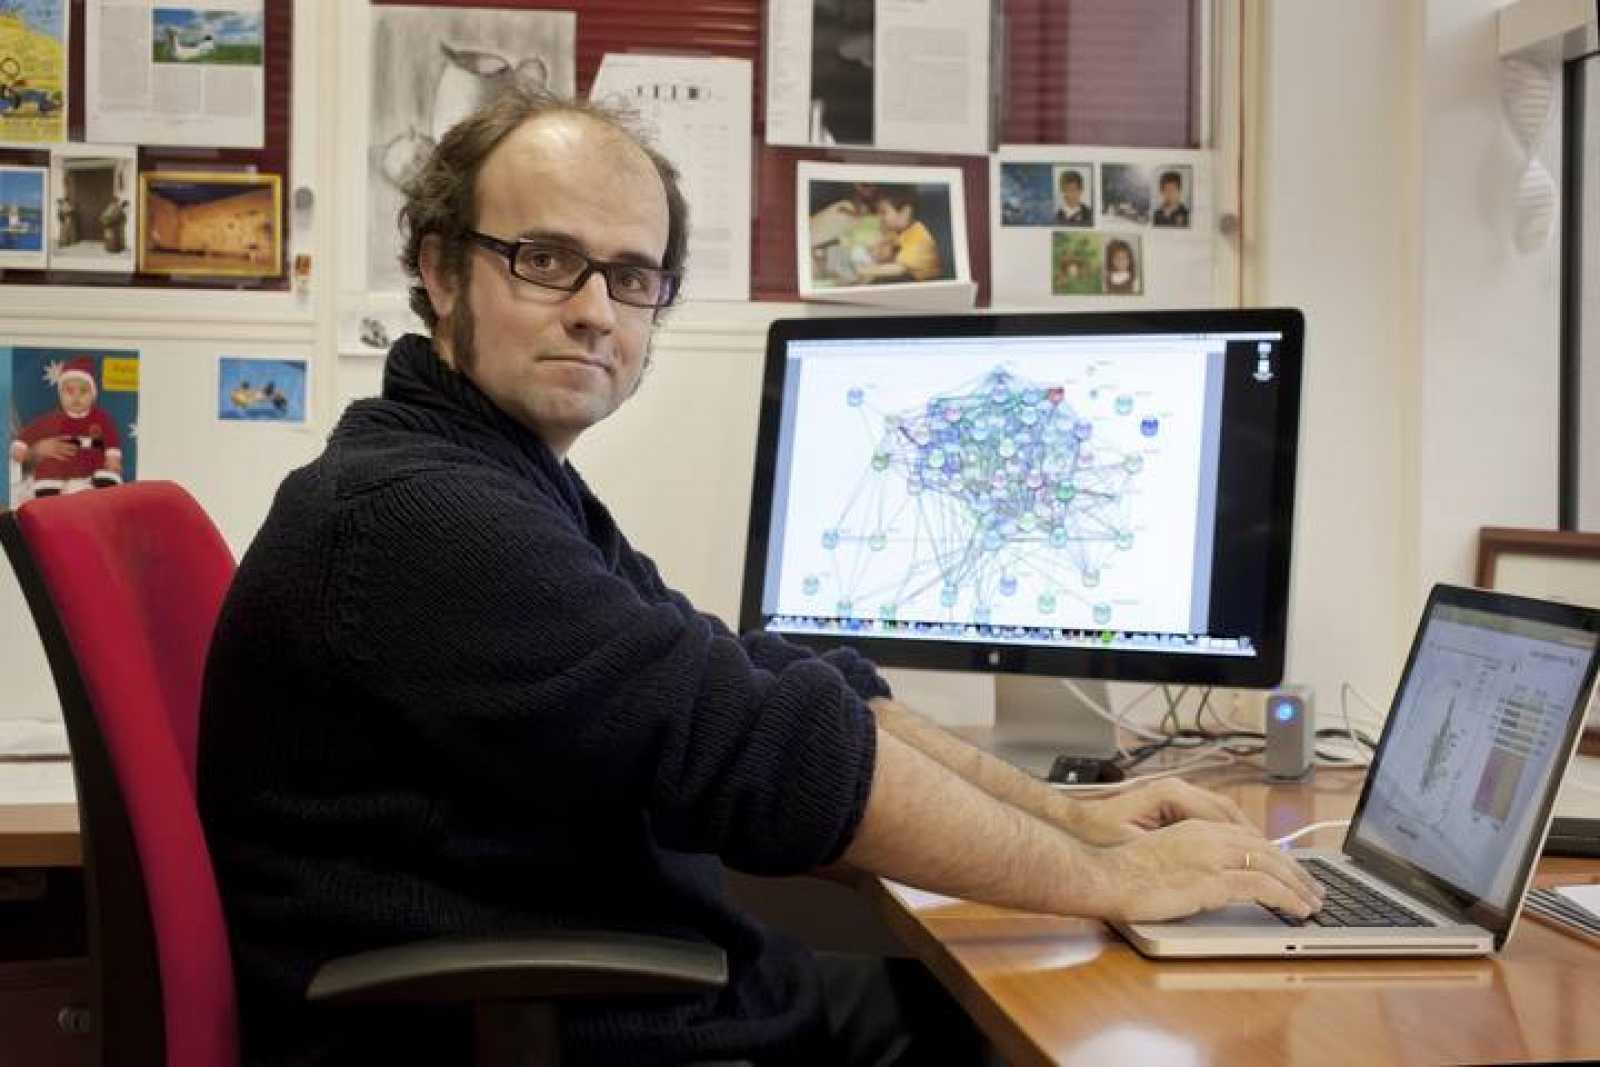 El bioquímico Óscar Fernández-Capetillo en su despacho del CNIO.